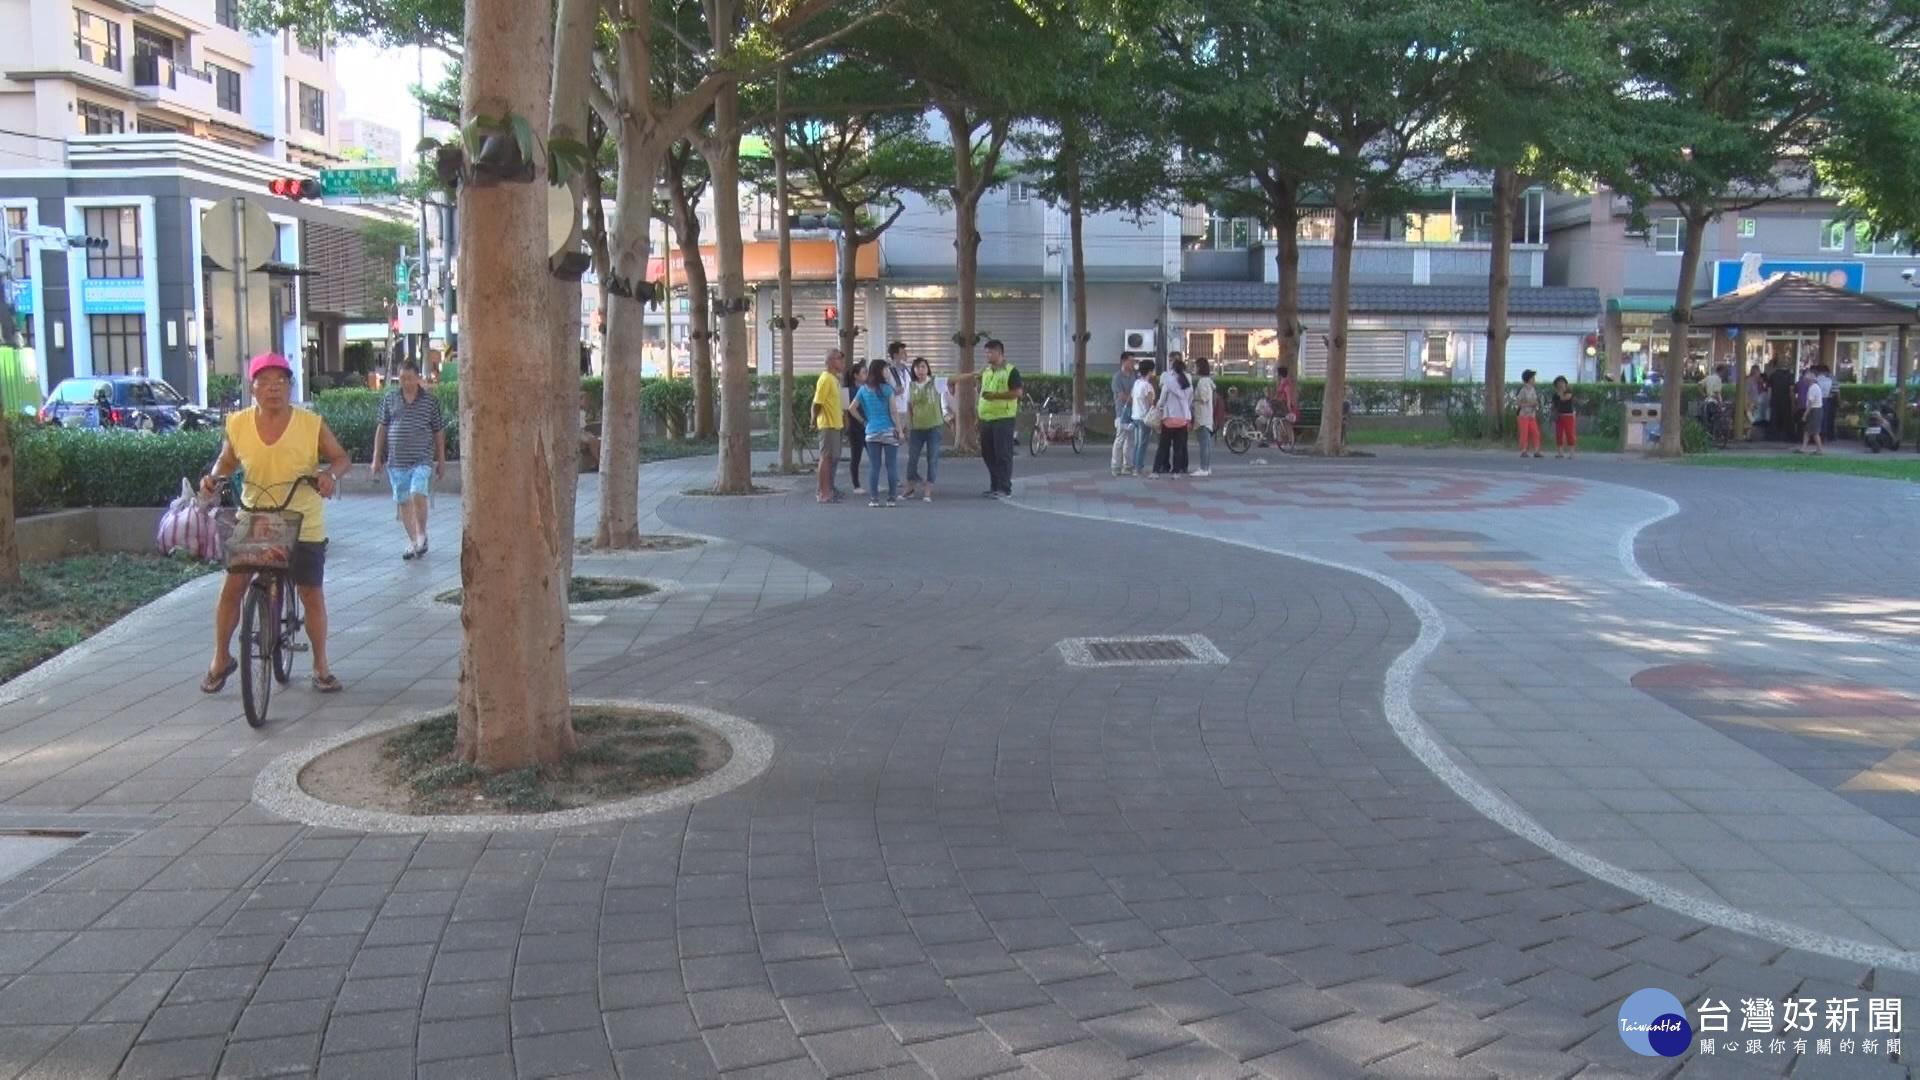 蘆洲中原公園闢建地下停車場 評估報告將於10月出爐